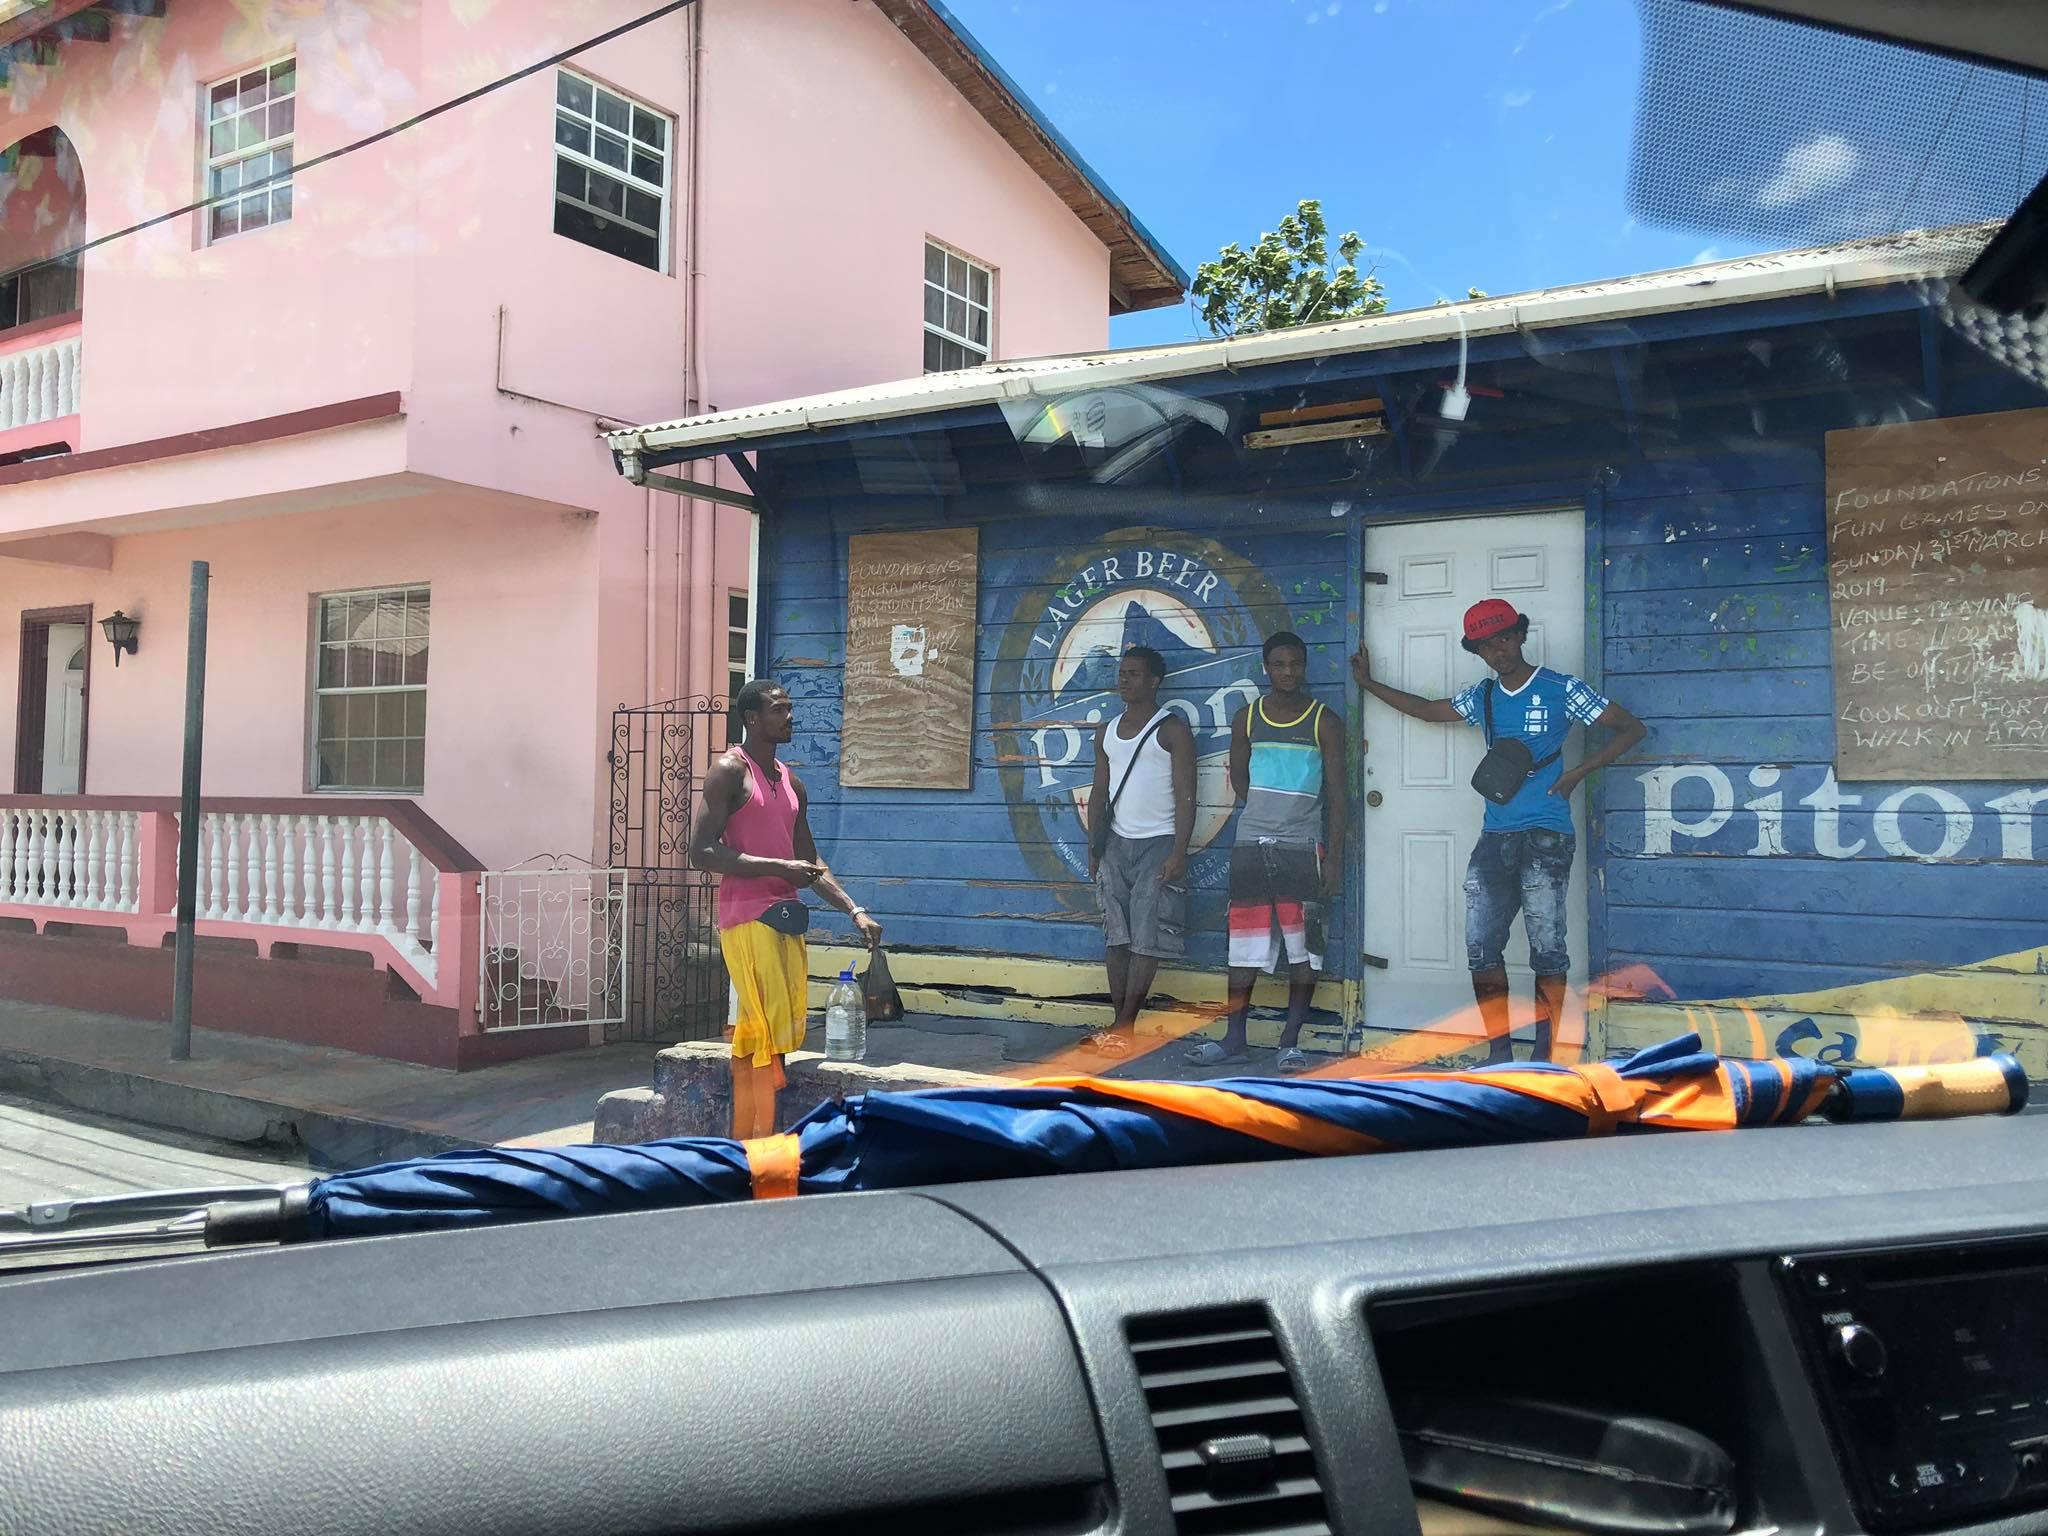 Kach Solo Travels in 2019 Beautiful St Lucia28.jpg